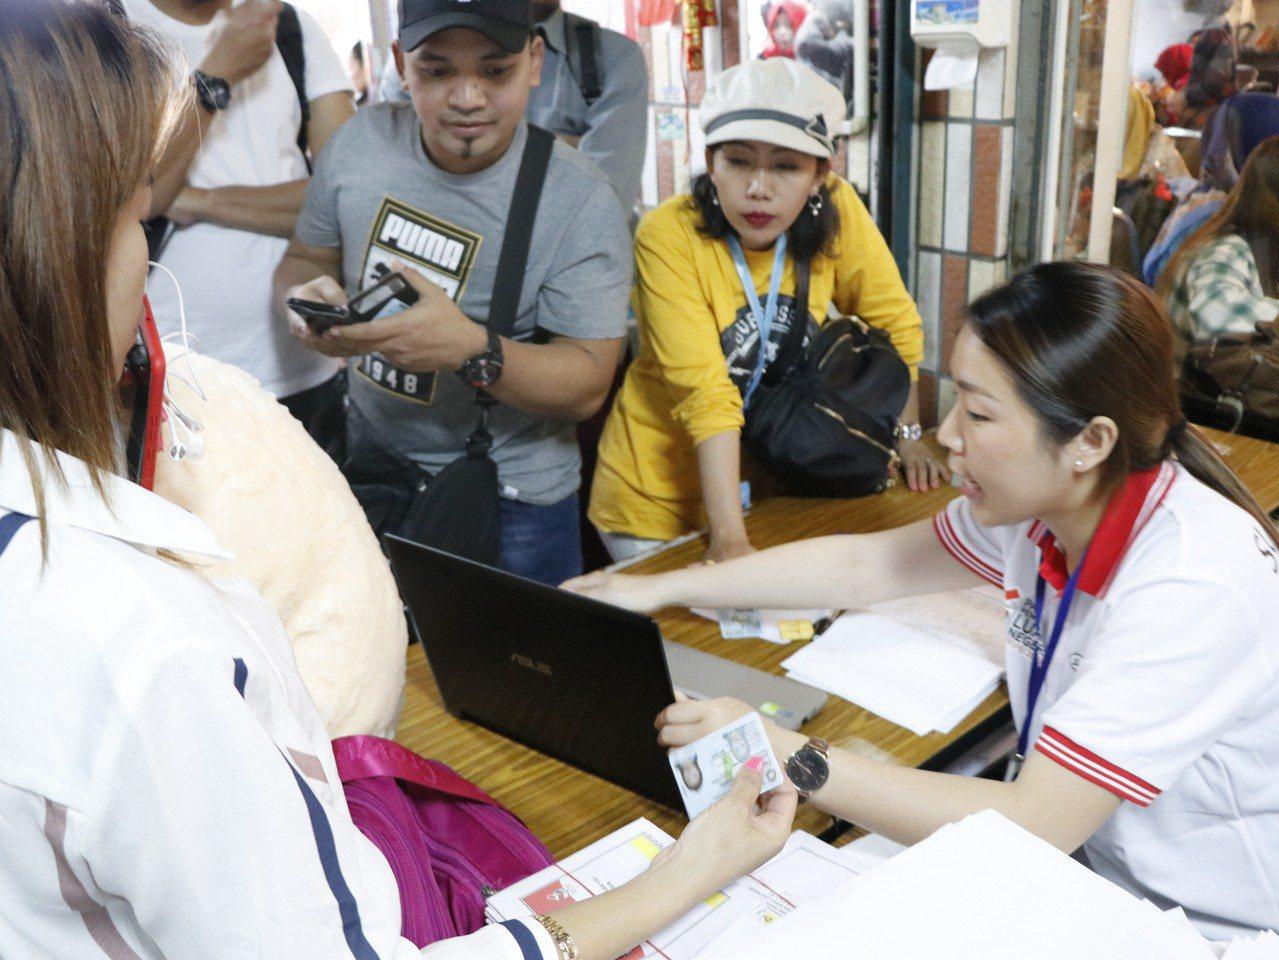 投票所的工作人員則是手忙腳亂地招呼大家依序排隊,但由於投票所空間狹小,動線不一,...